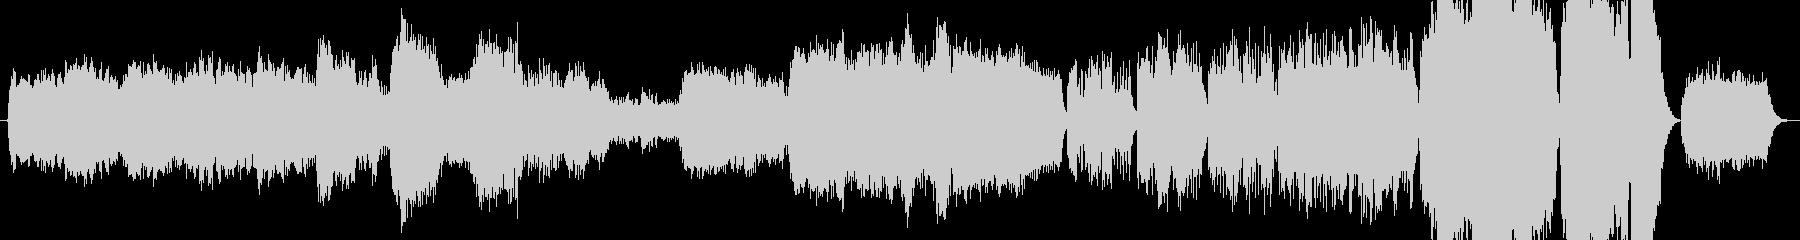 オリジナルのオケアレンジ曲inAliceの未再生の波形